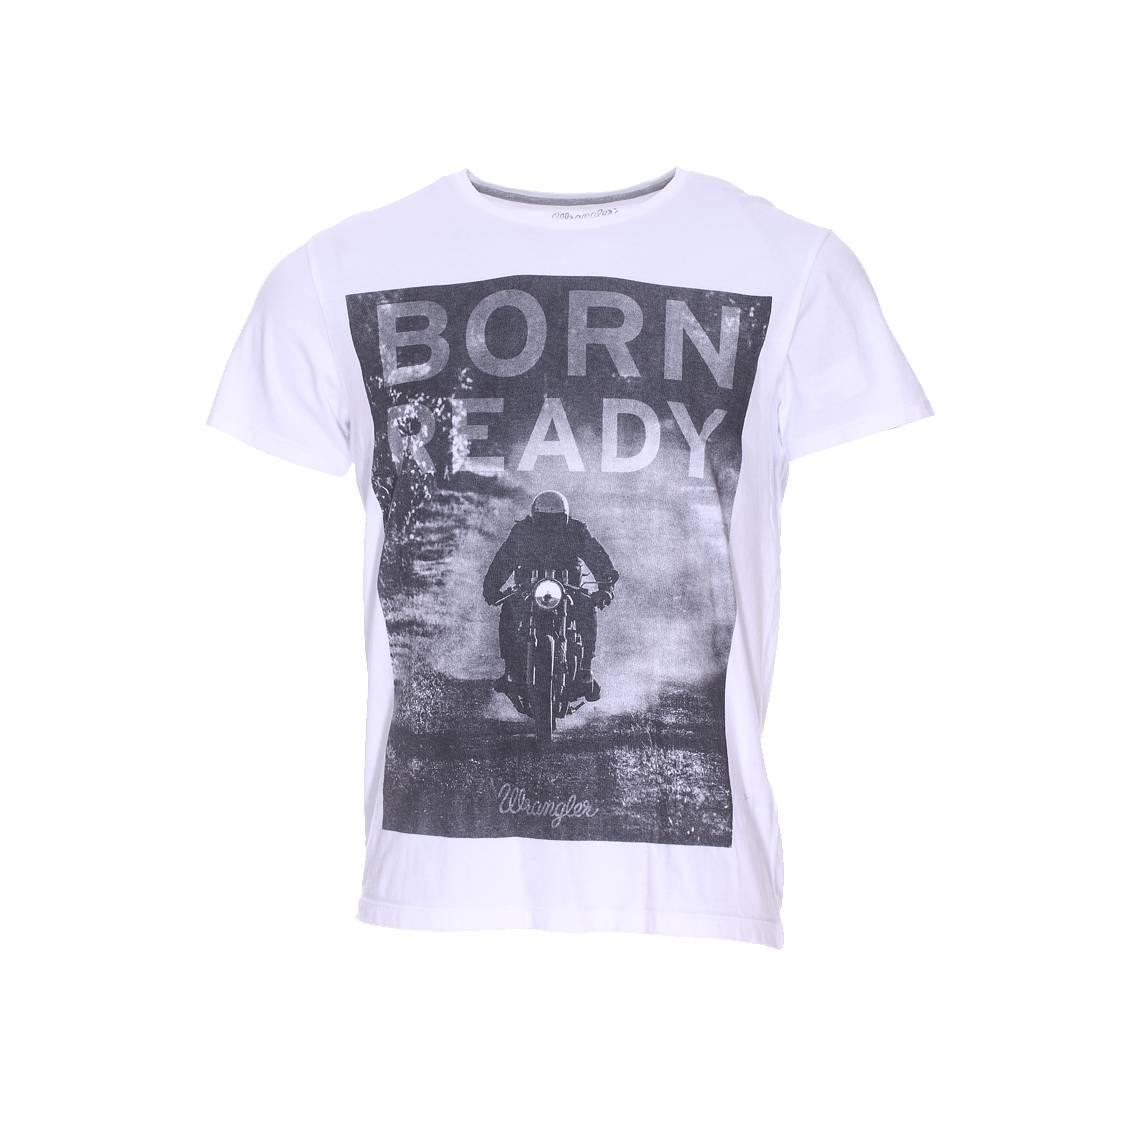 Tee shirt col rond  en coton blanc imprimé d\'une photographie à l\'avant